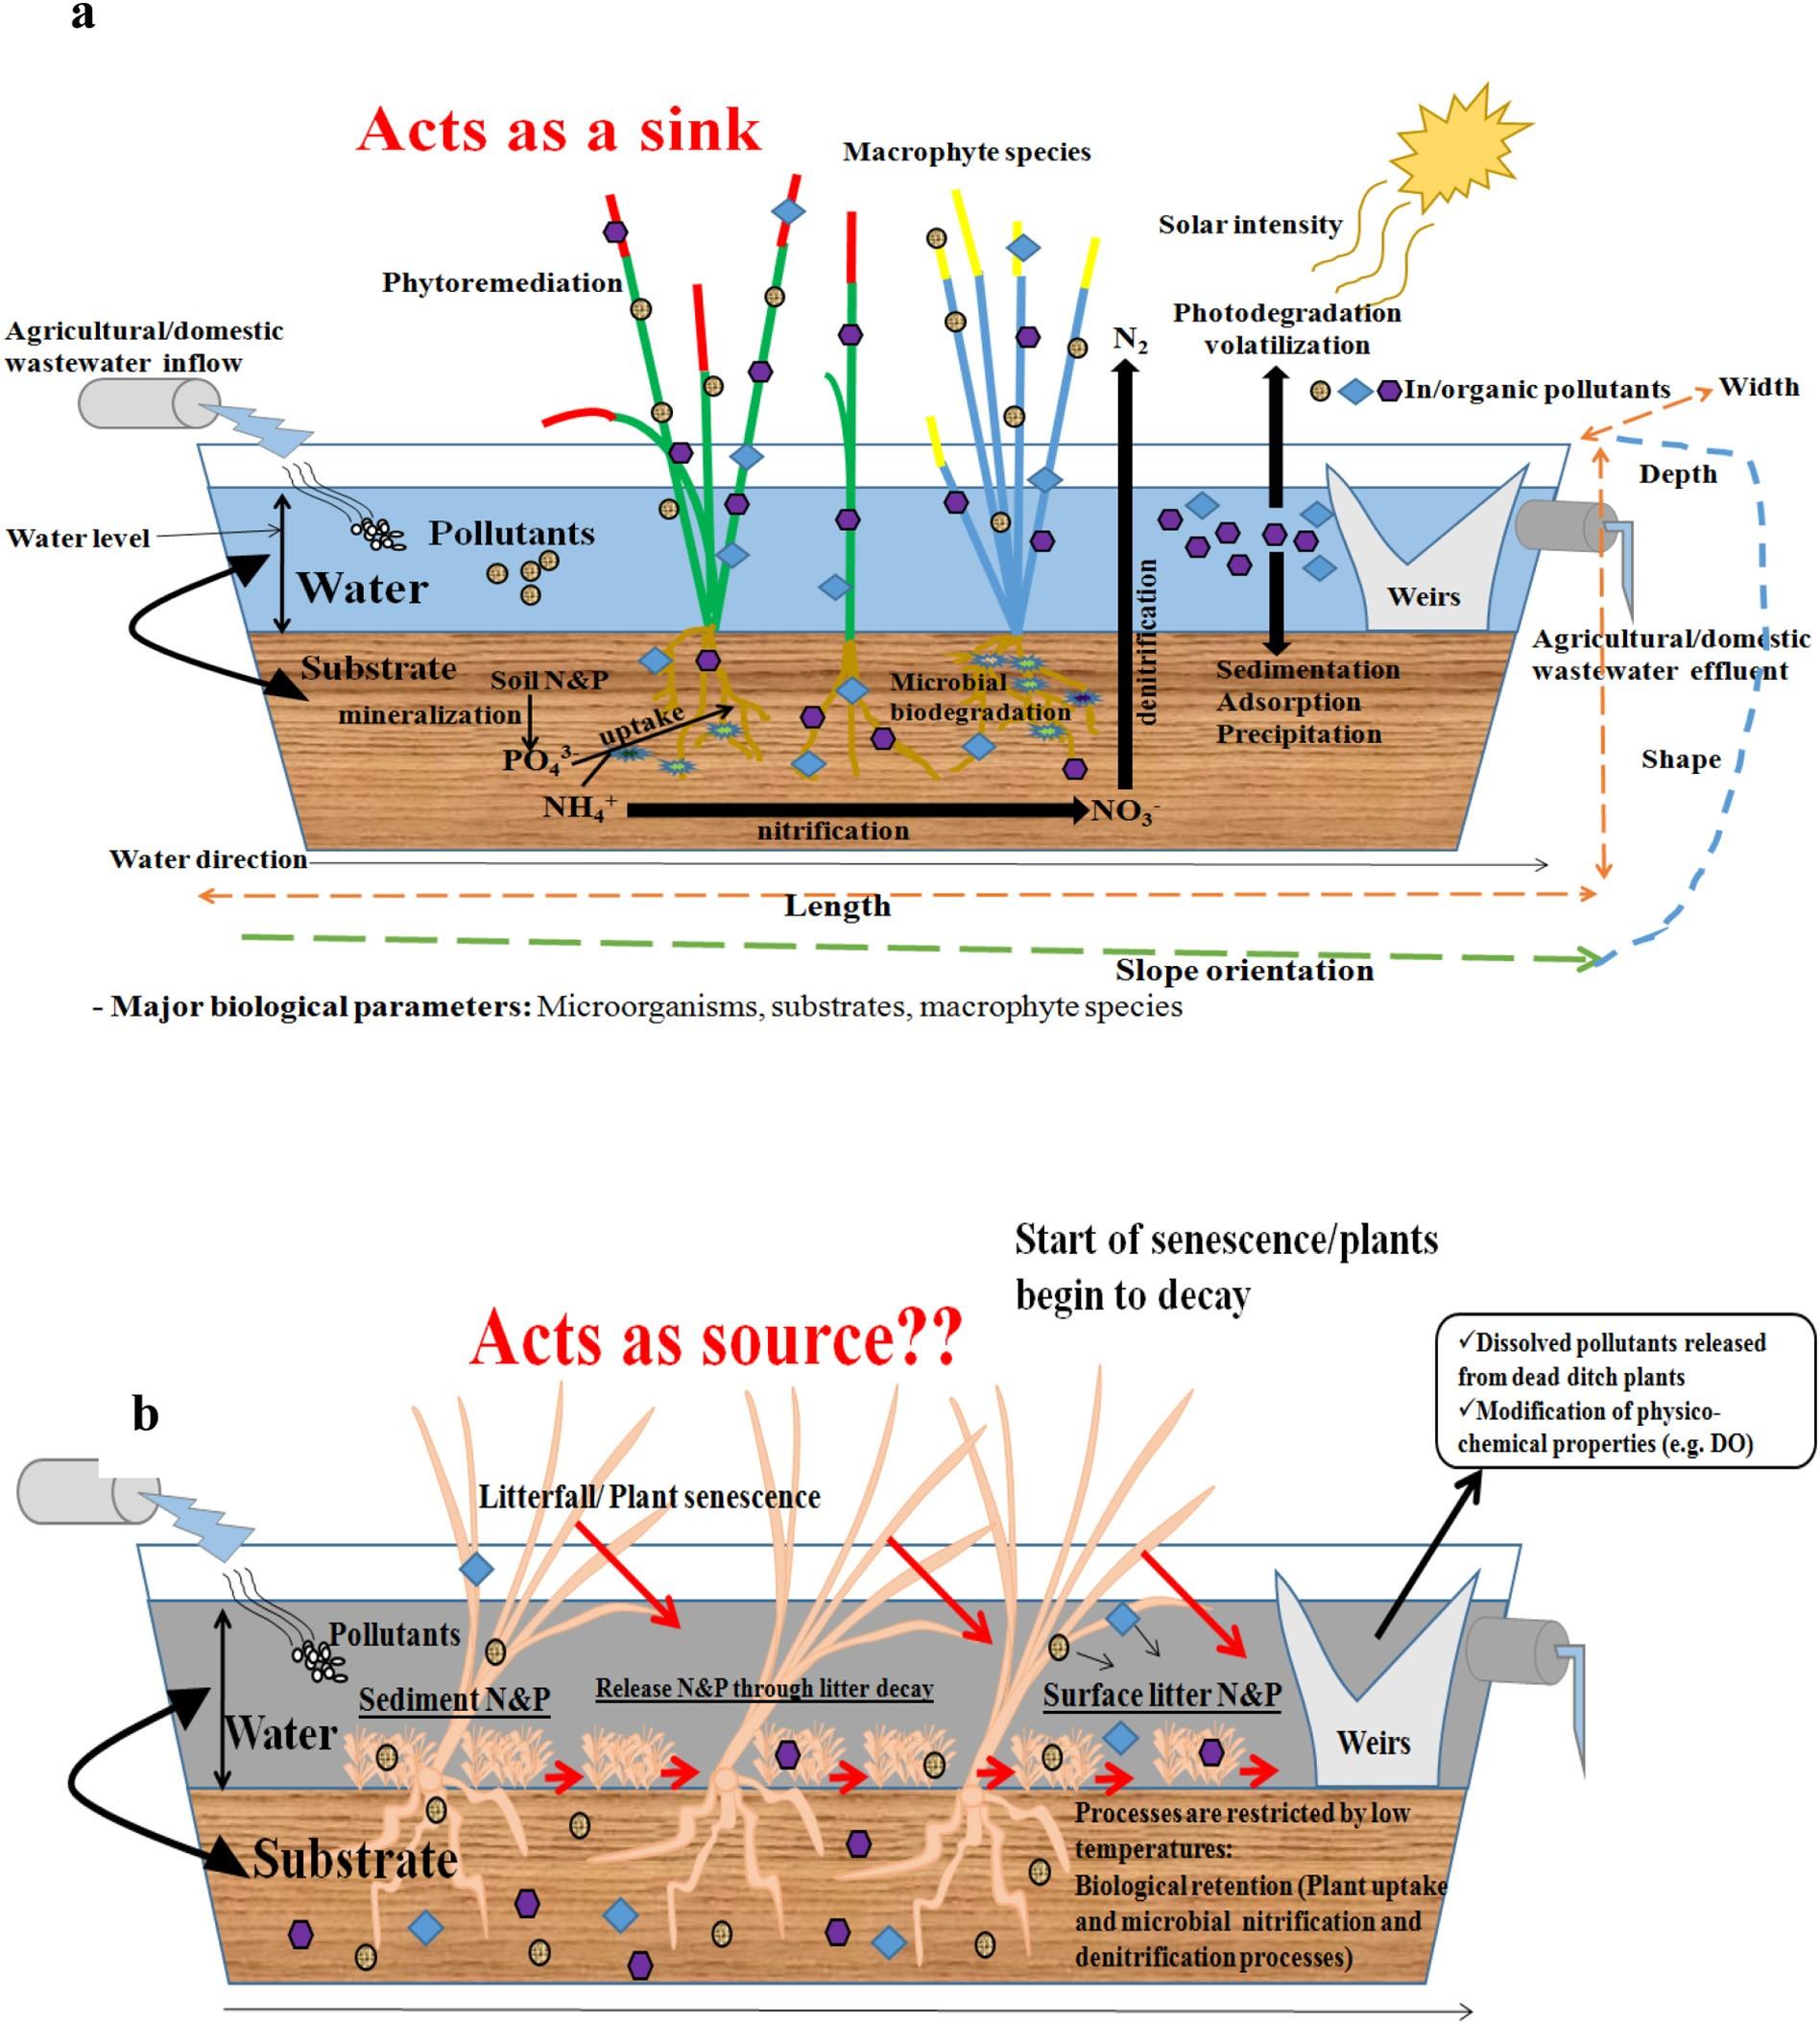 植物化农业排水沟在暖期减少养分过程概念图